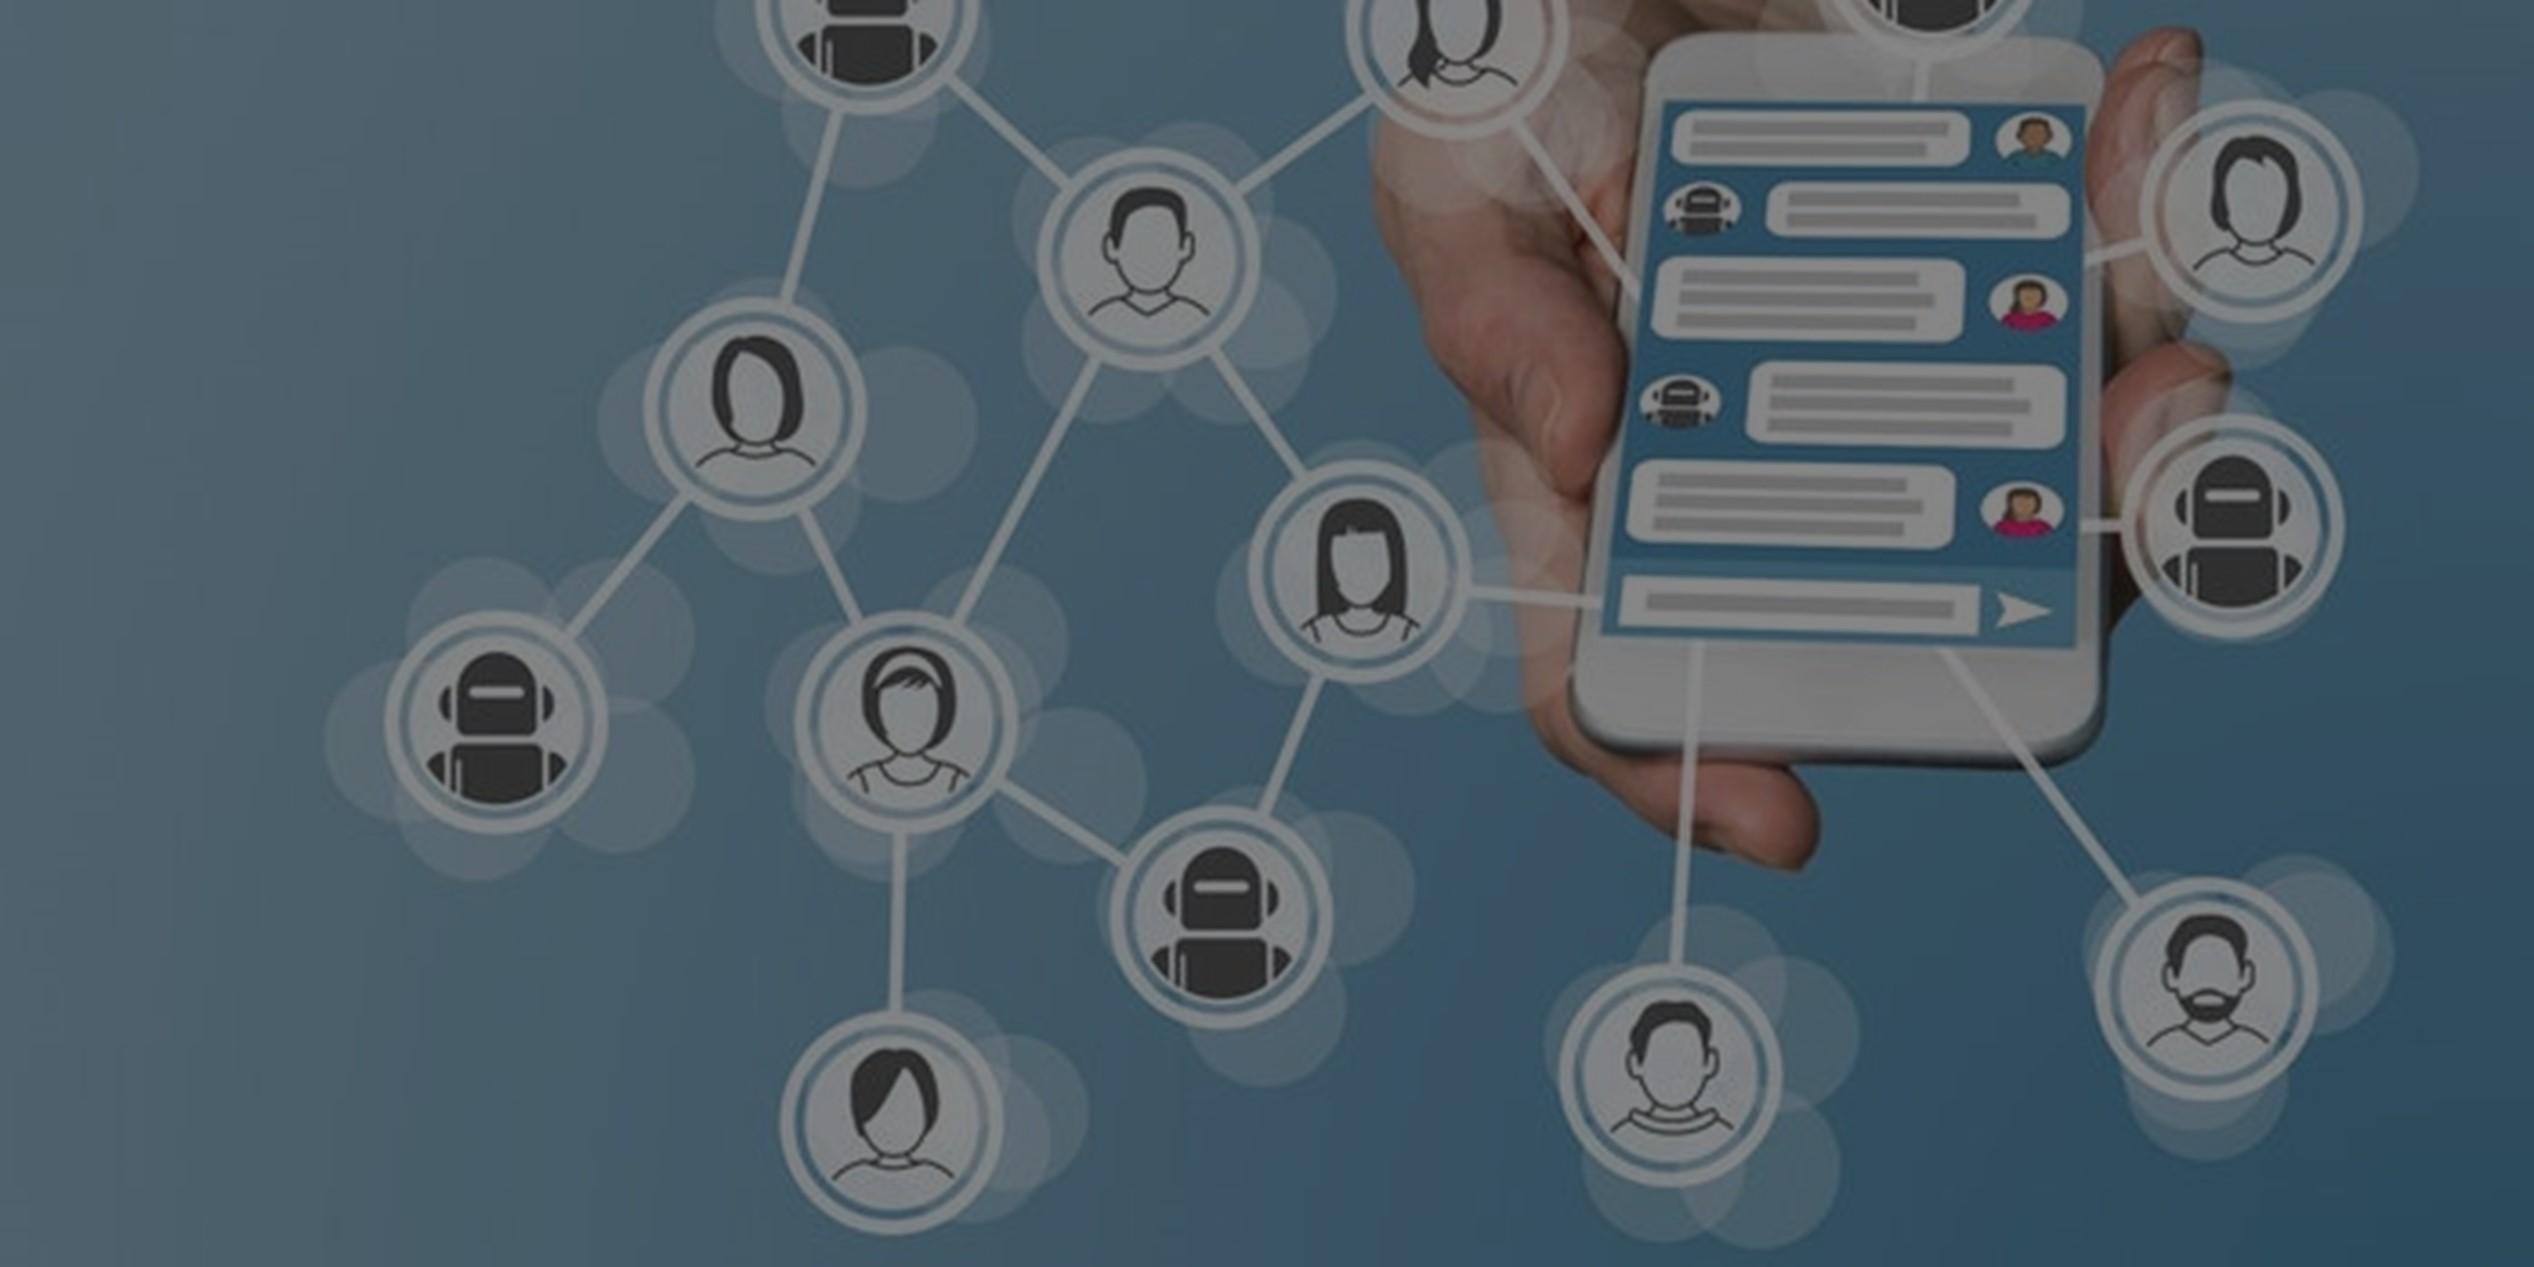 Chatbot_engagement_posicionamiento_contenidodevalor_posicionamiento_socialmedia_campañasefectivas_Marketingdigital_RedesSociales_LimaPerú